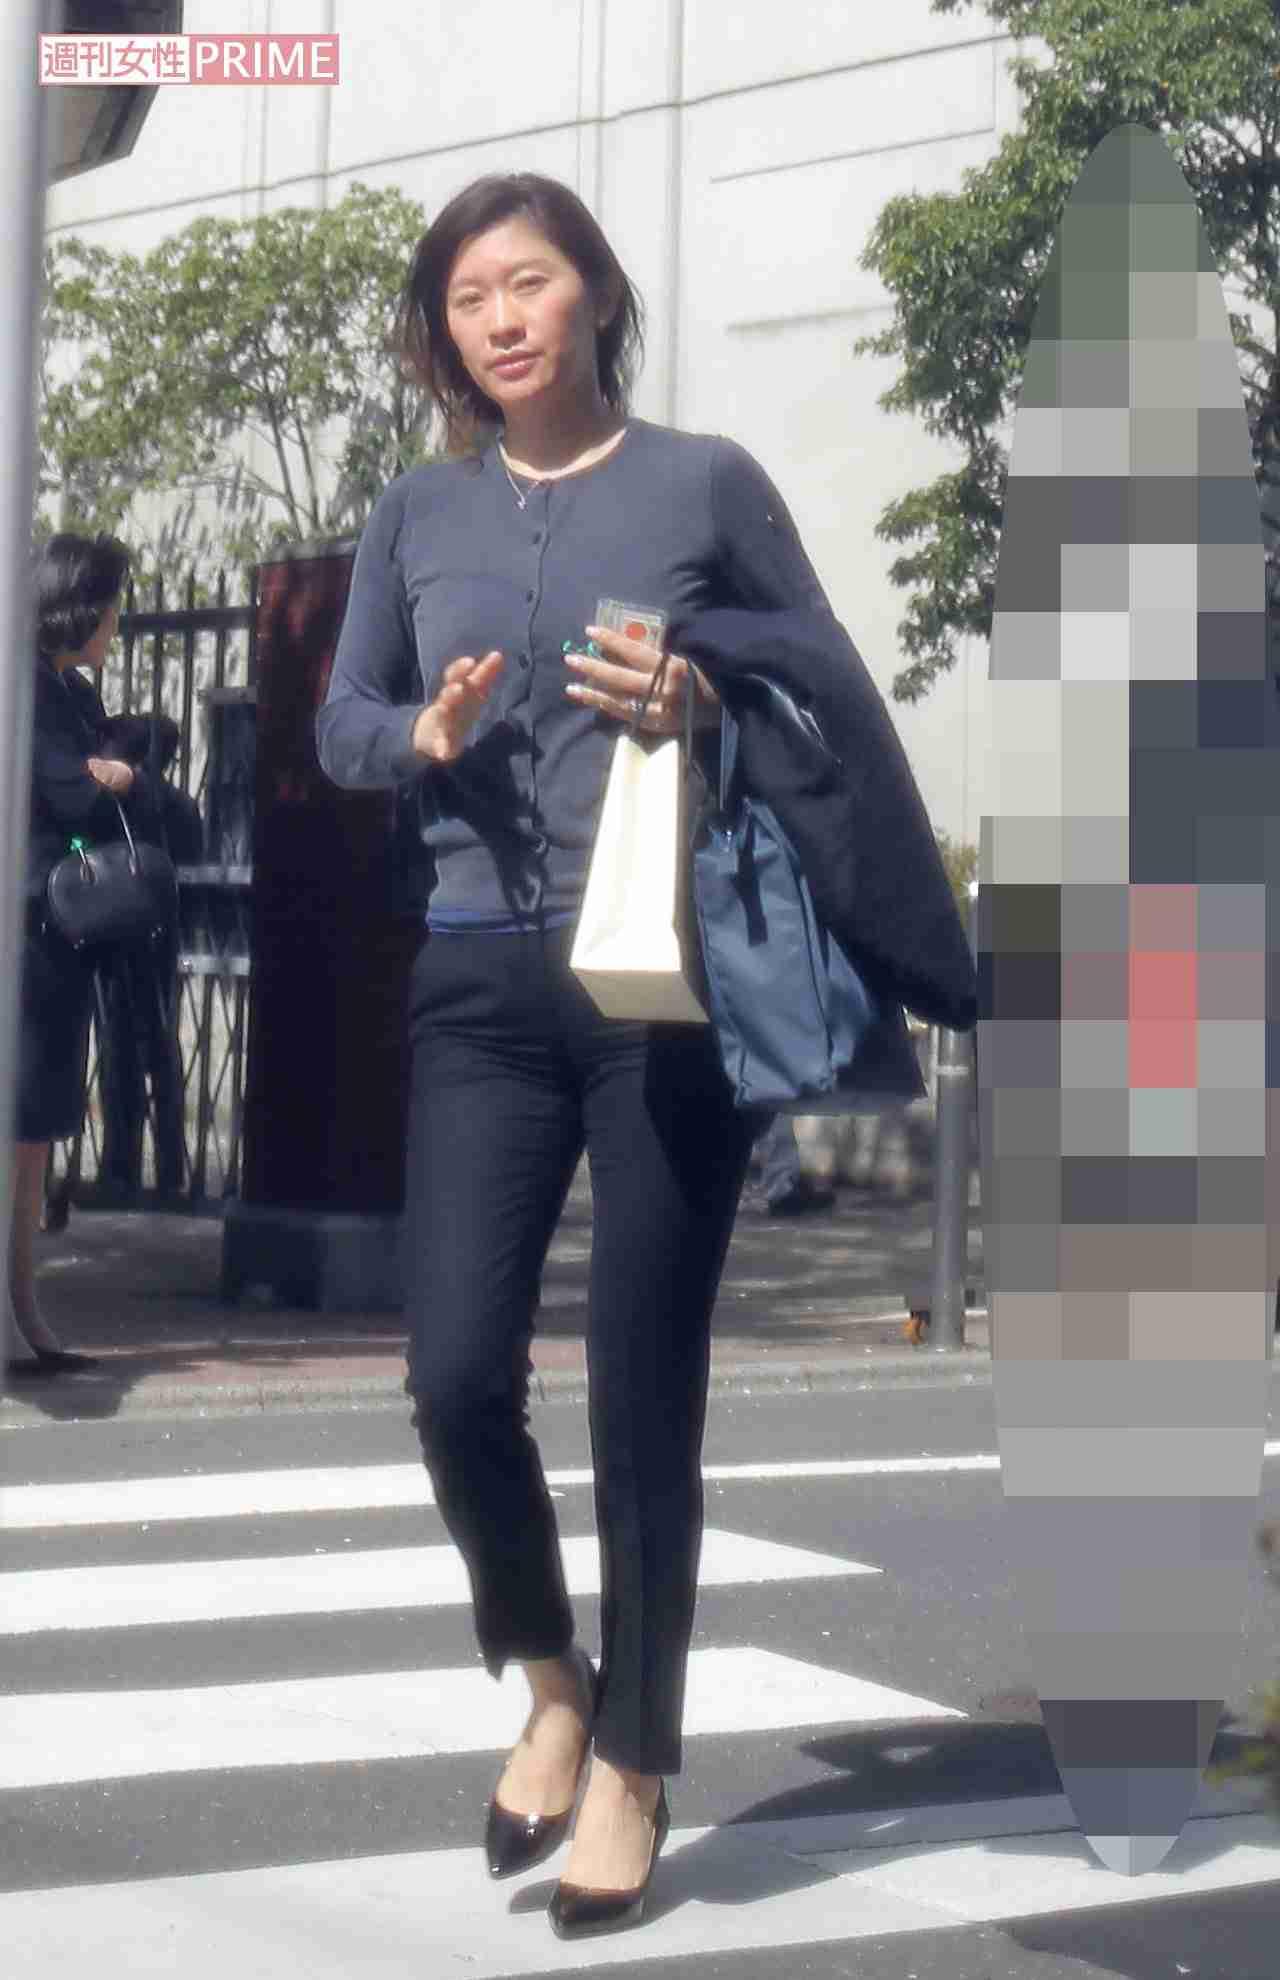 オーラゼロの篠原涼子!なぜかカメラ目線の井川遥…新学期の学校風景いろいろ